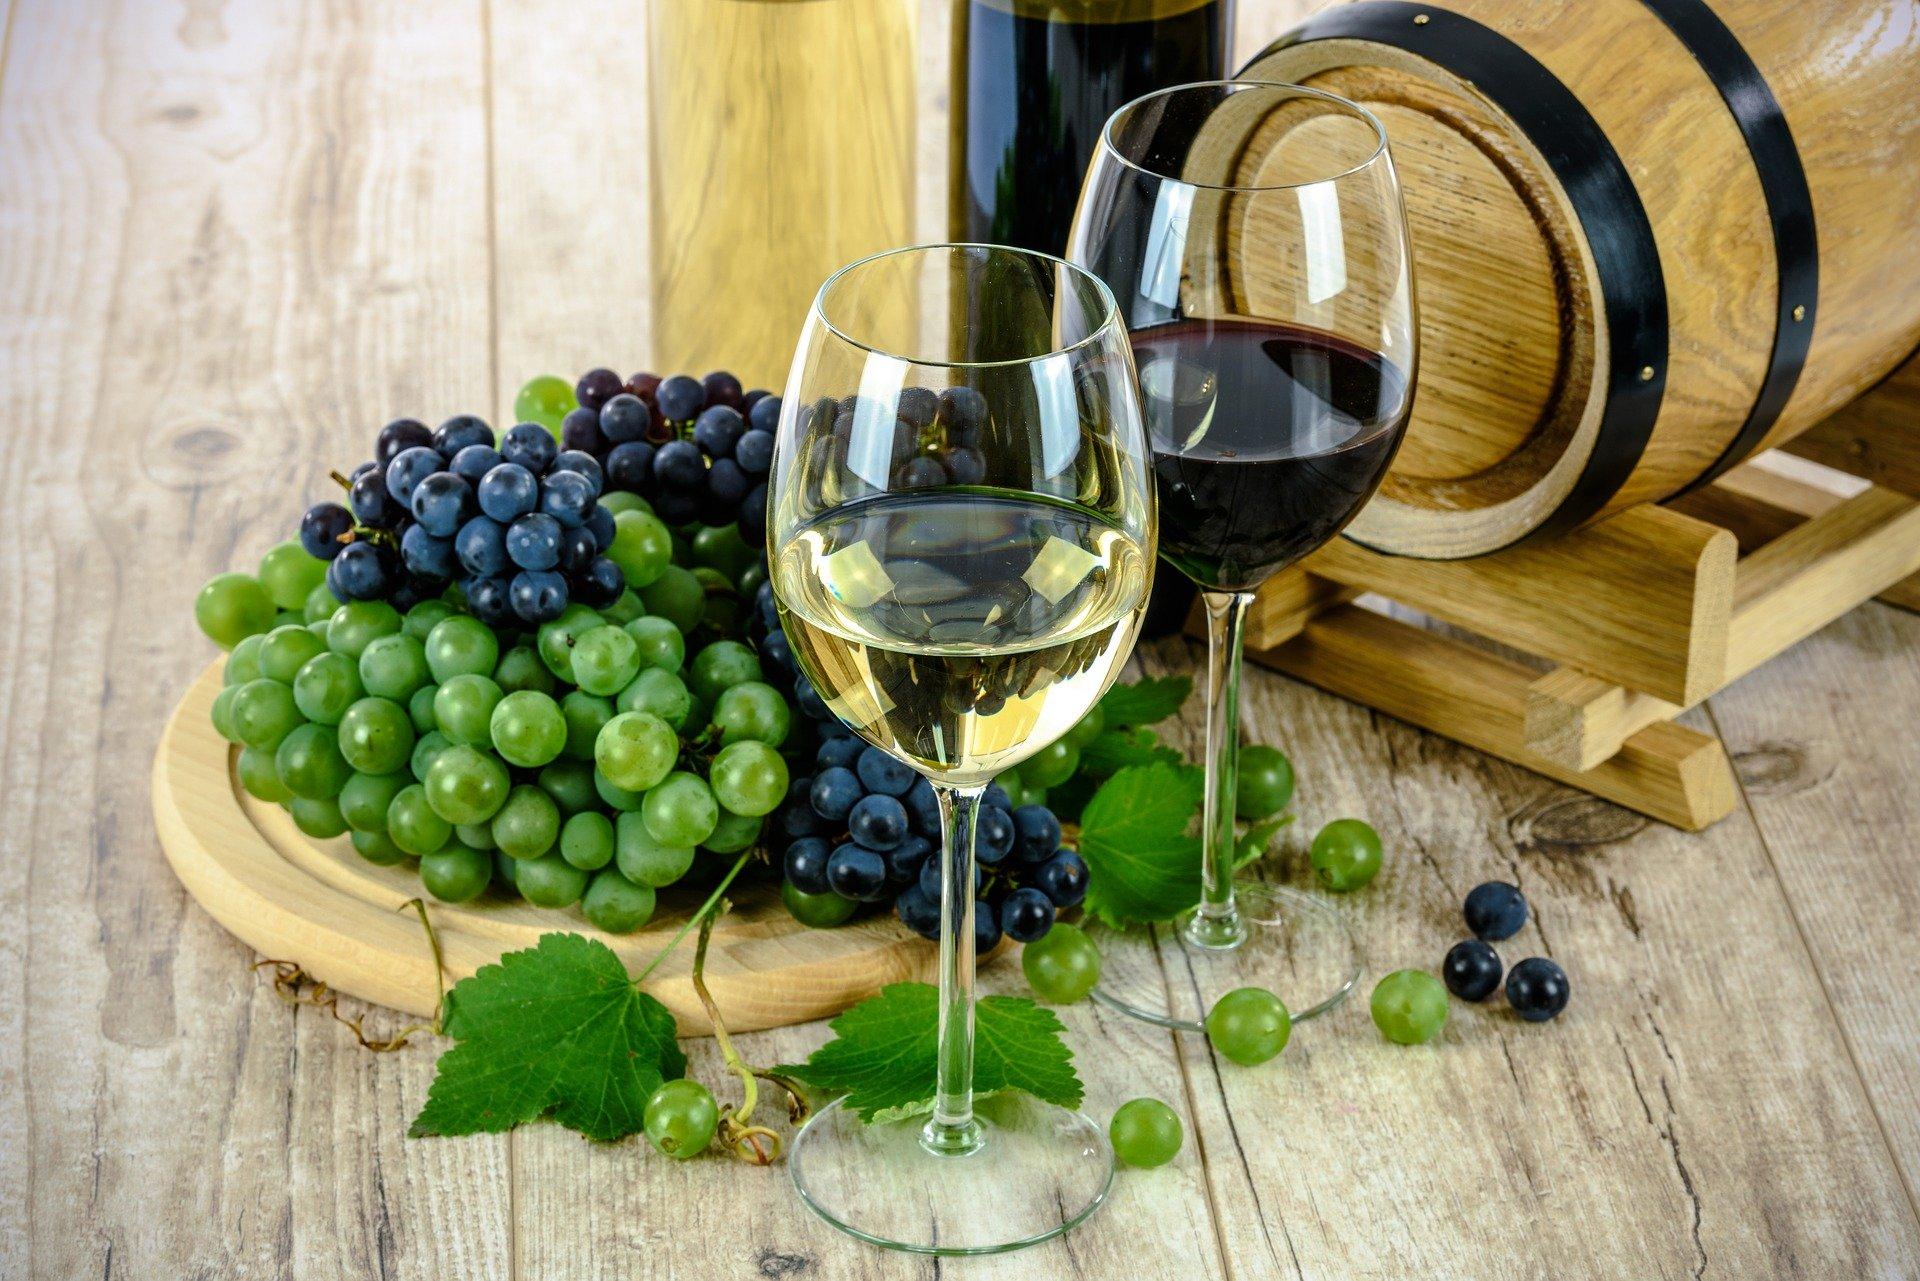 Da loja online para a física: como a Wine democratizou o acesso do brasileiro aos vinhos